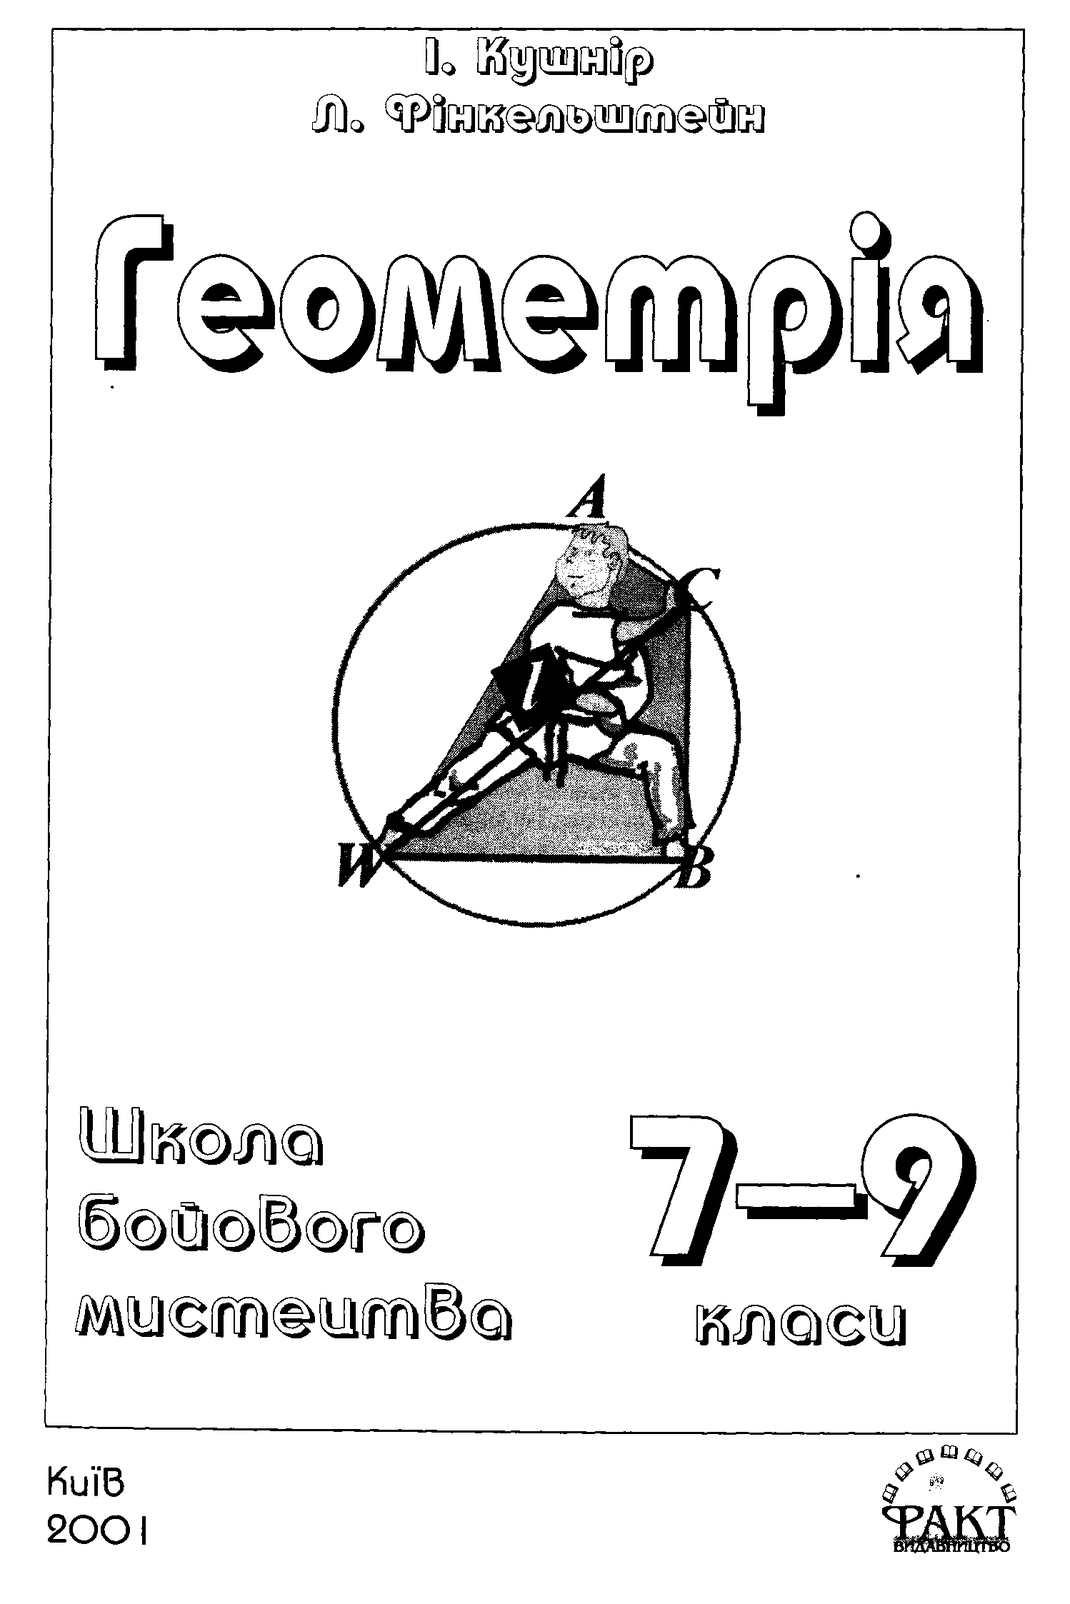 І.А.Кушнір Геометрія 7-9. Школа бойового мистецтва